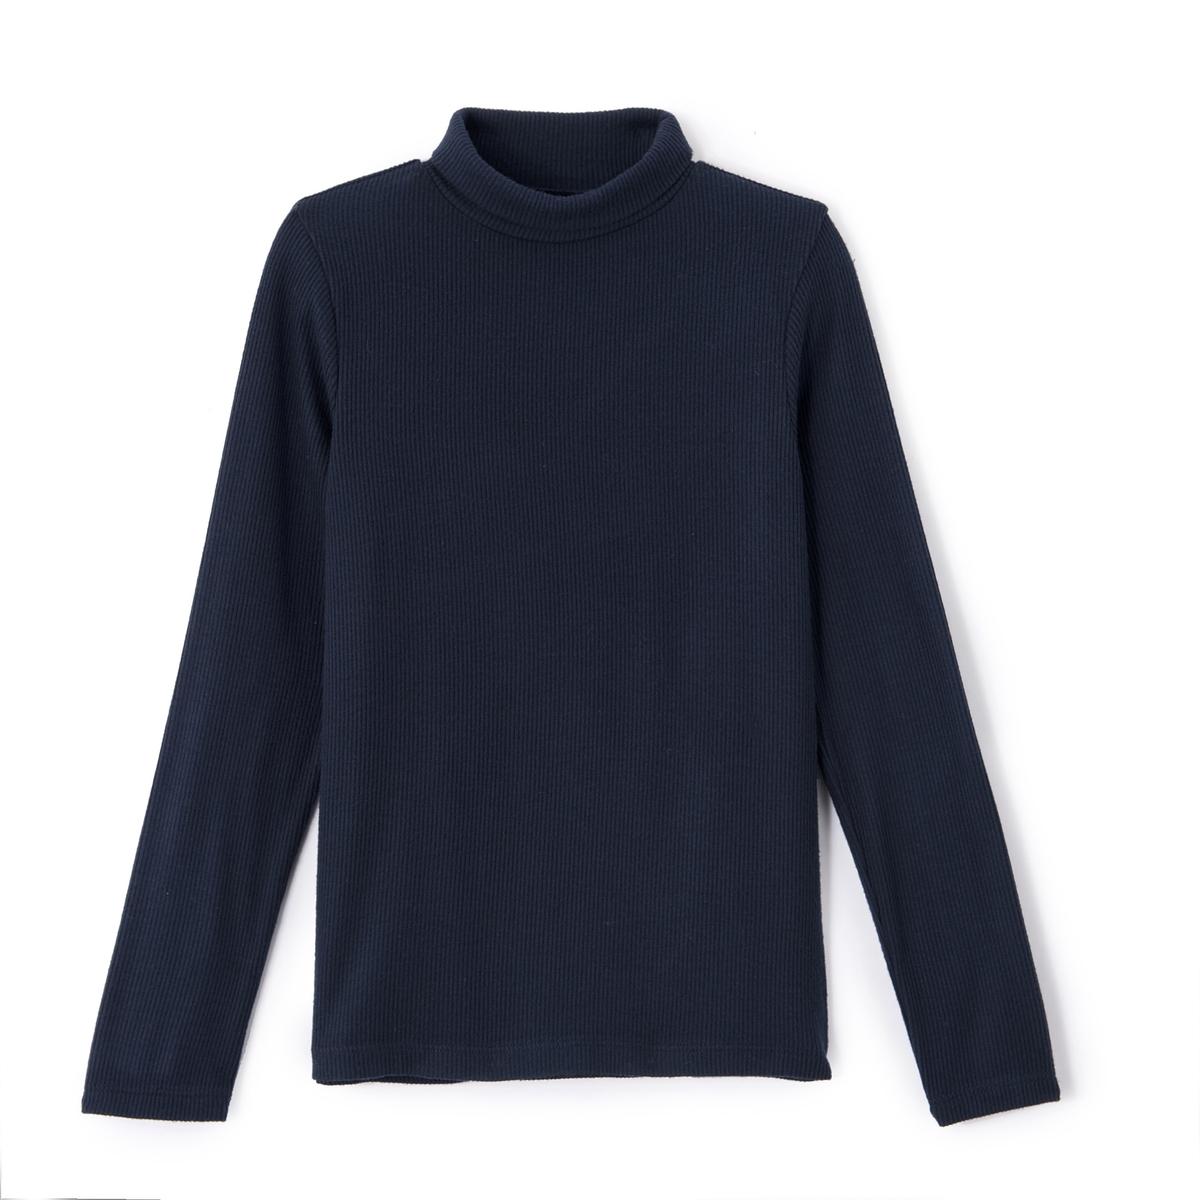 Пуловер с круглым воротником с отворотом, из тонкого трикотажа